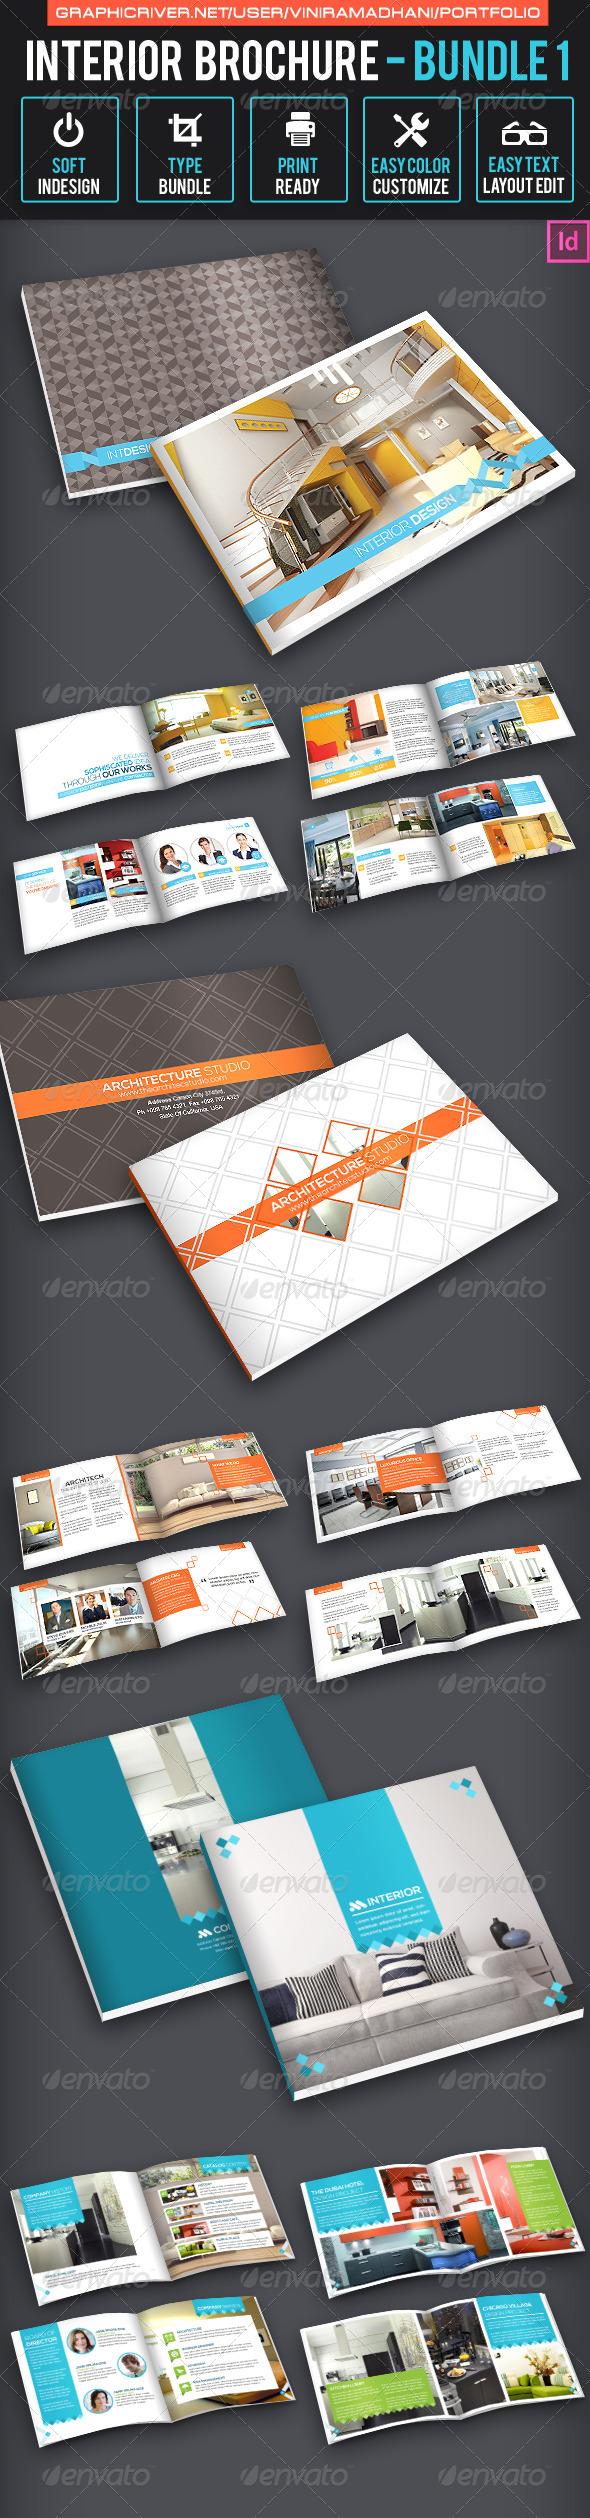 GraphicRiver Interior Brochure Bundle 1 7094936